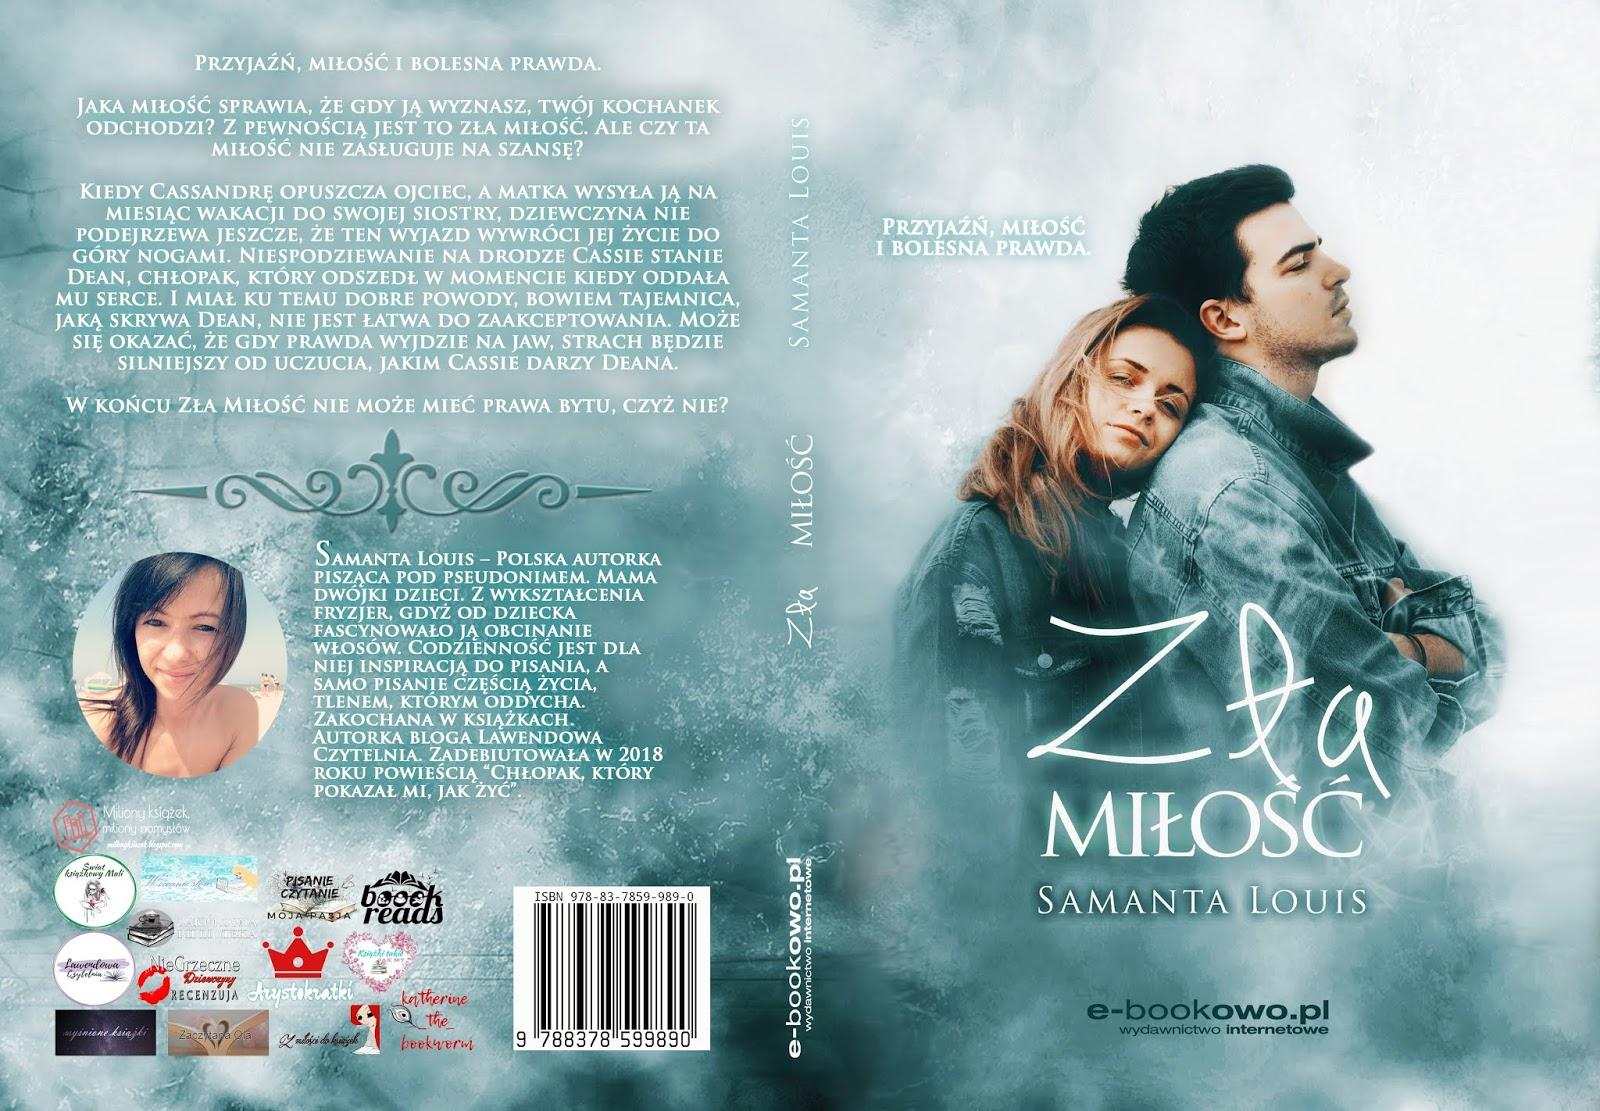 """Zapowiedź powieści """"Zła Miłość"""" patronat medialny!"""